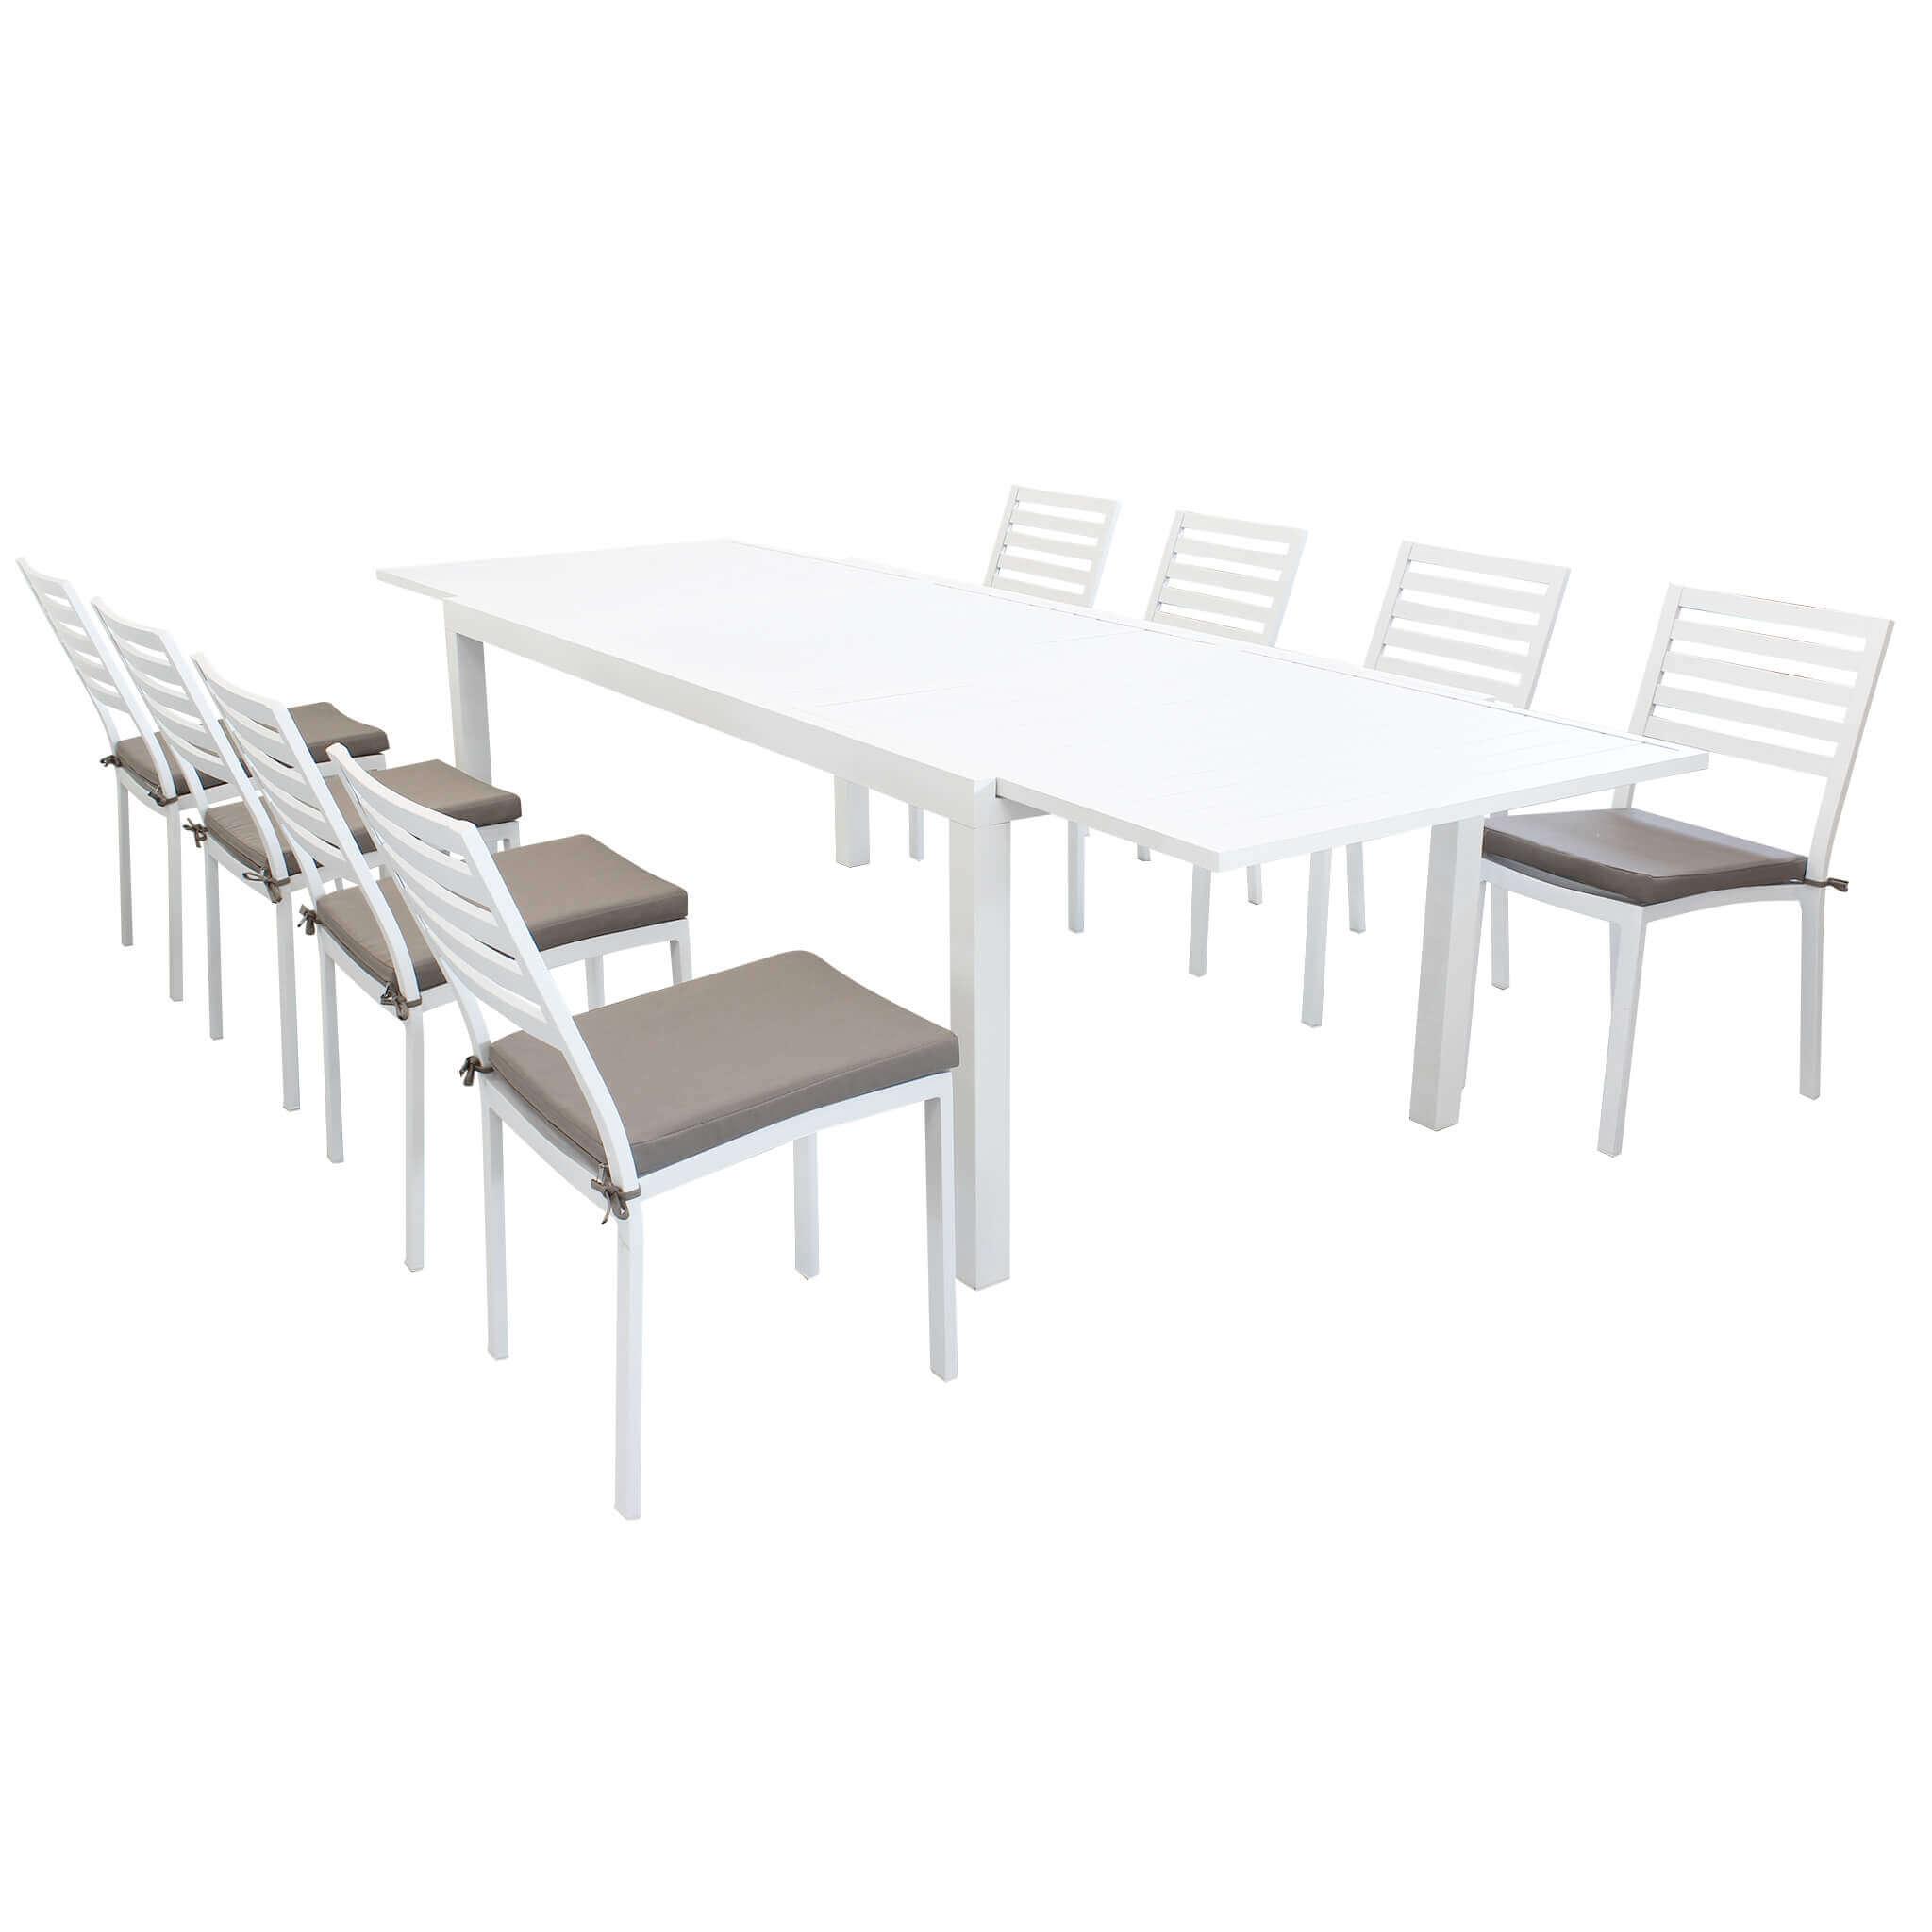 Milani Home DEXTER - set tavolo da giardino allungabile 200/300 x 100 compreso di 8 sedie in alluminio